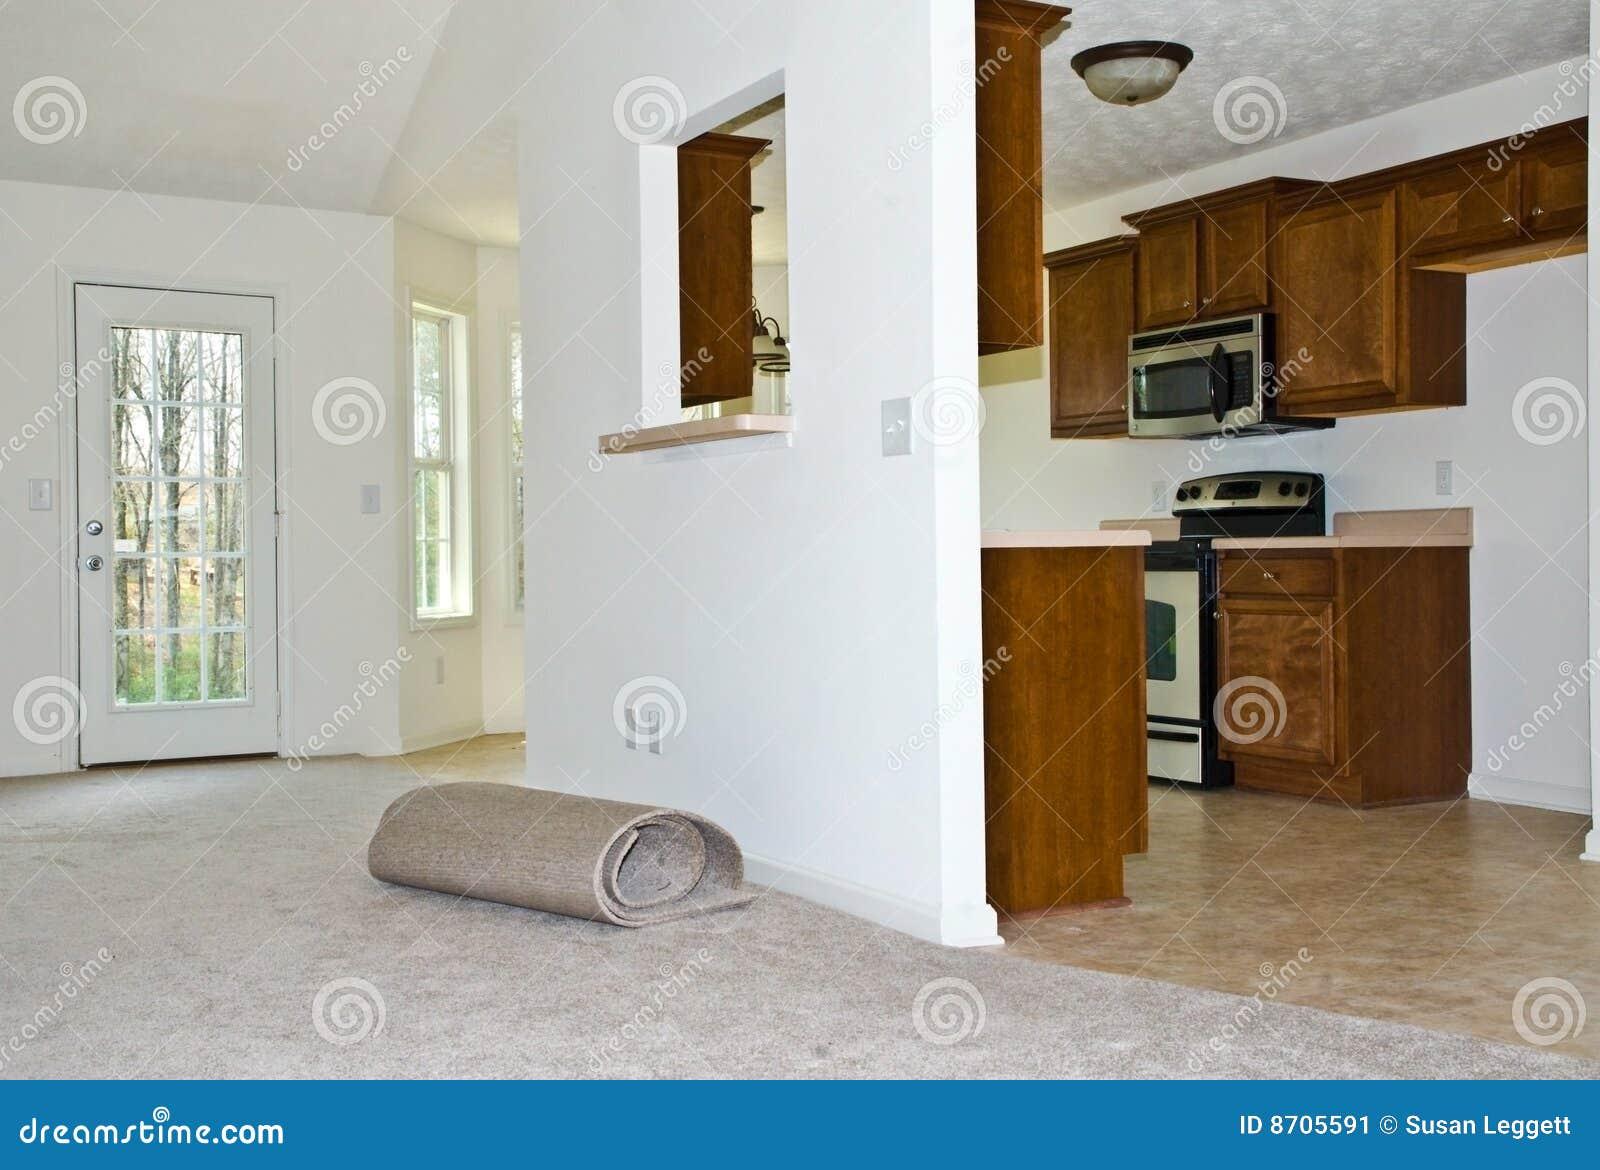 Tapijt Voor Keuken : Nieuw tapijt geremodelleerde keuken stock afbeelding afbeelding